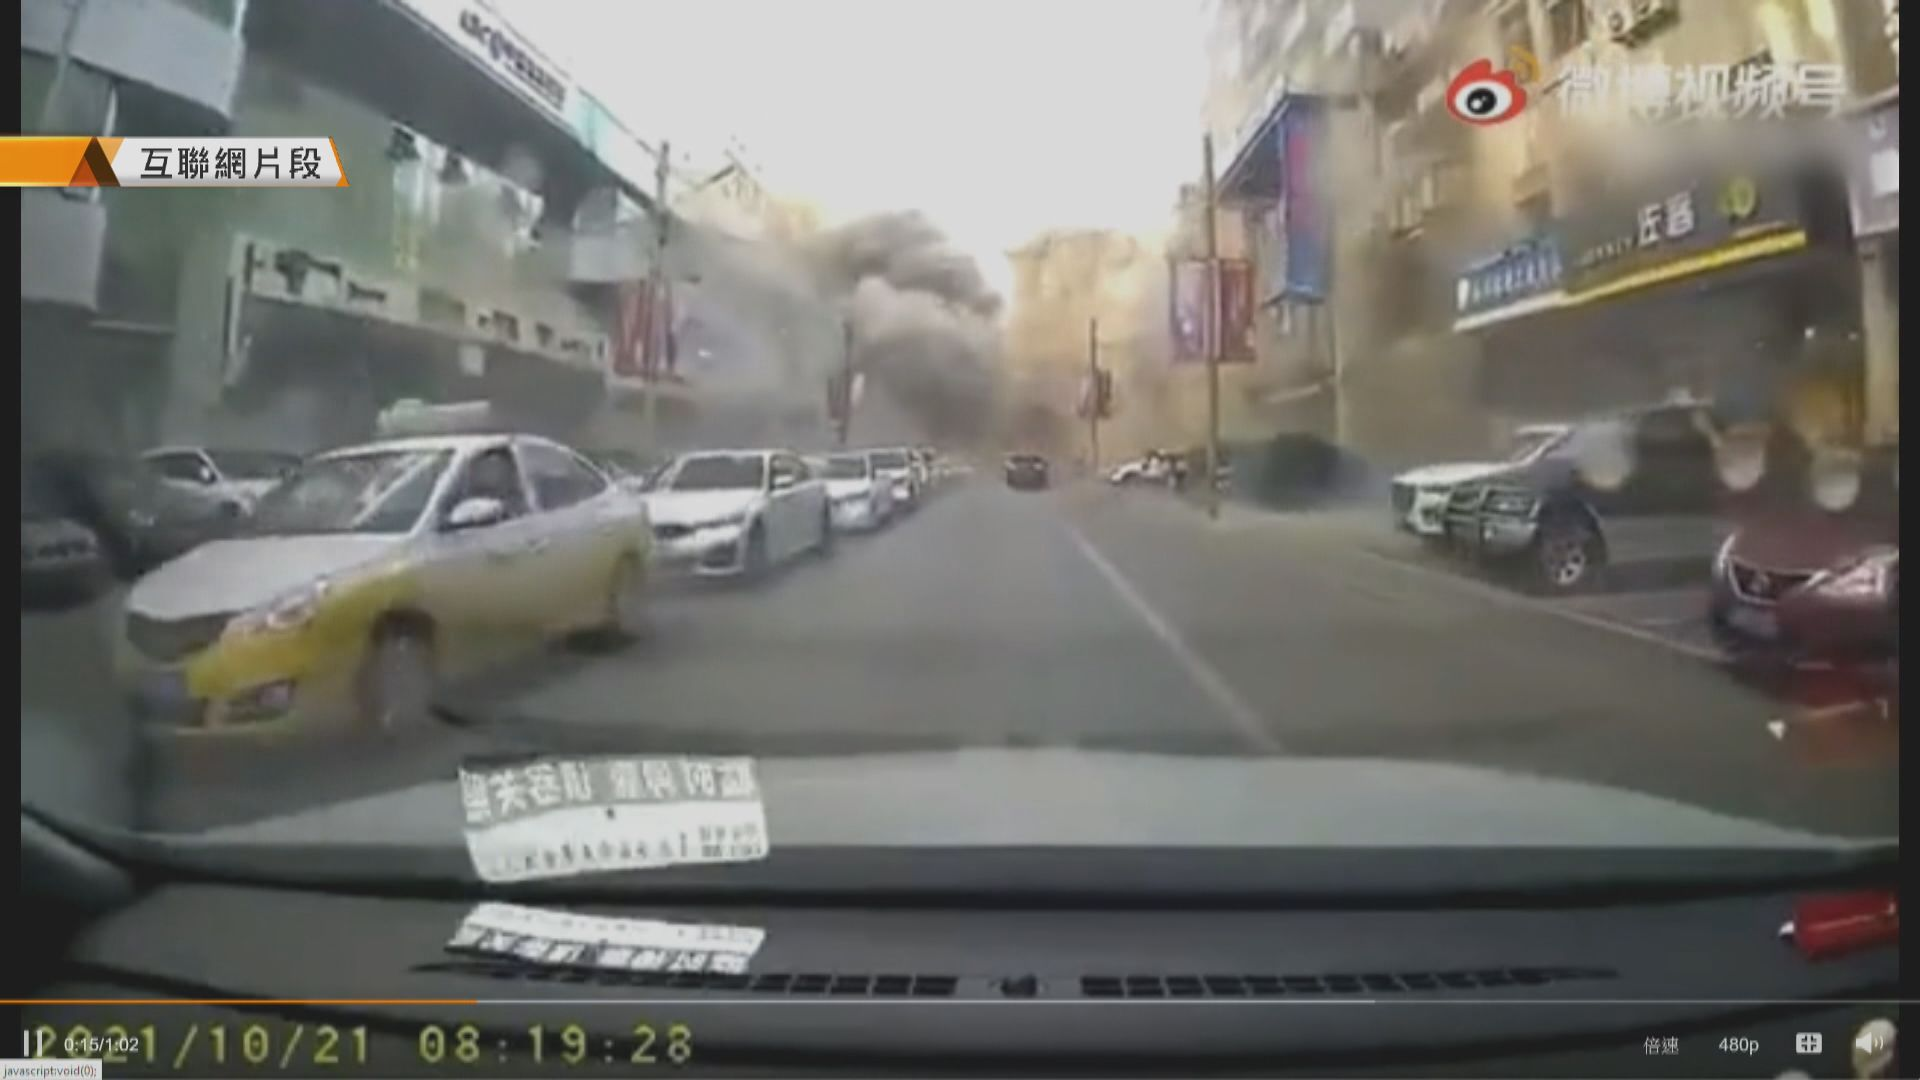 遼寧瀋陽有餐廳懷疑燃氣爆炸 至少4死逾40傷